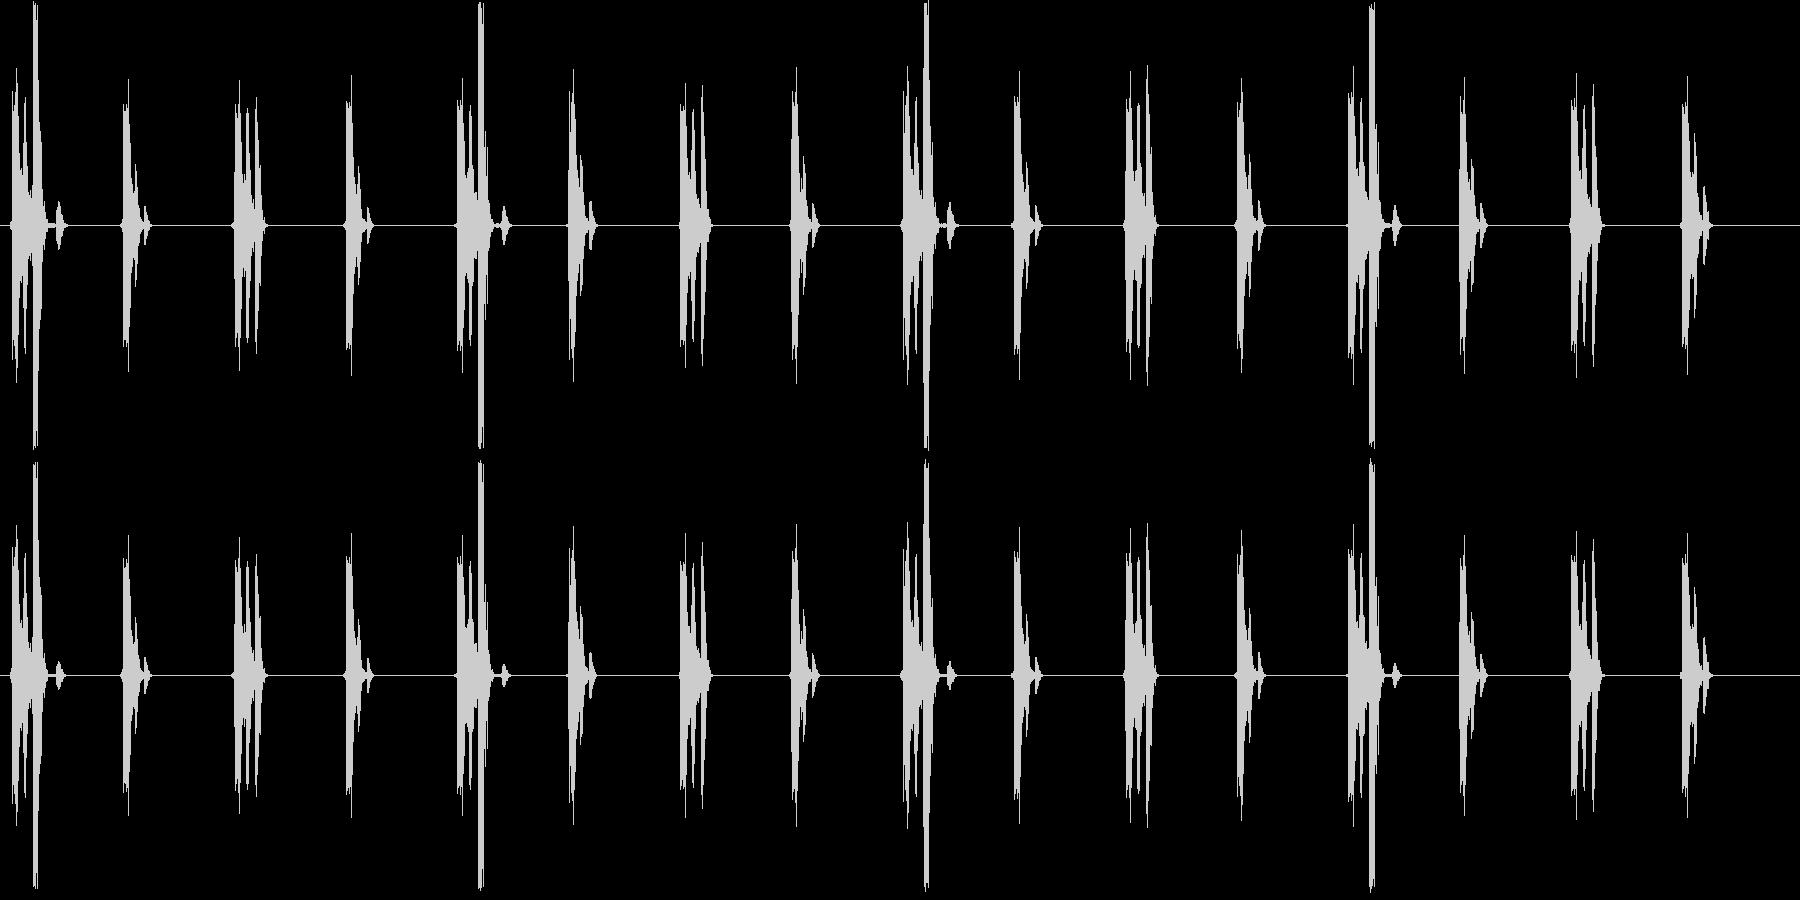 チクタクチクタク(時計、細かい刻み)の未再生の波形